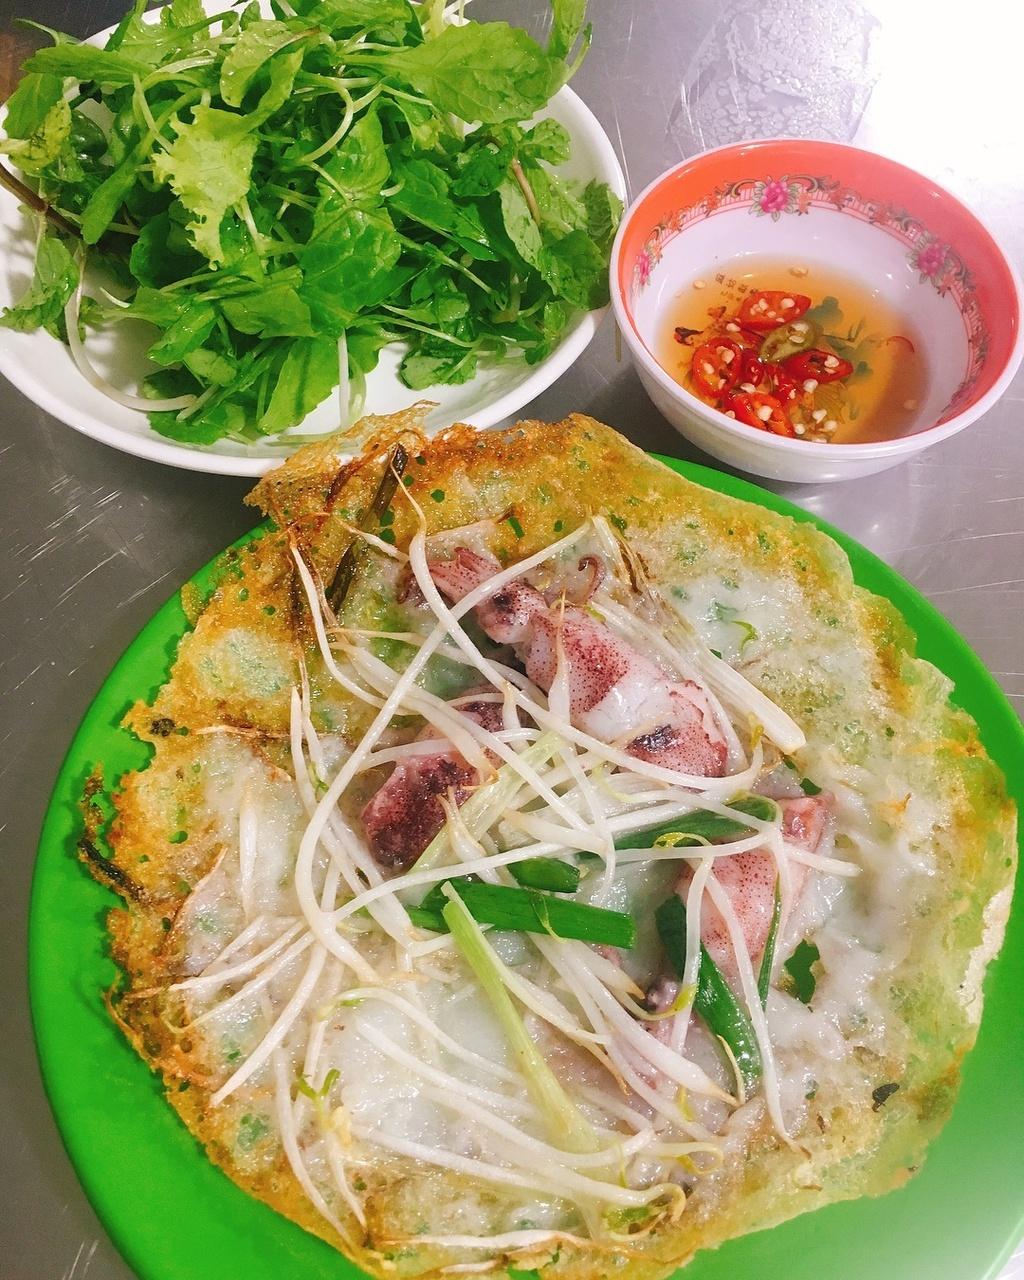 Nhung khu am thuc noi tieng hut khach o Da Nang hinh anh 8 5_chuxjnk_eating.jpg